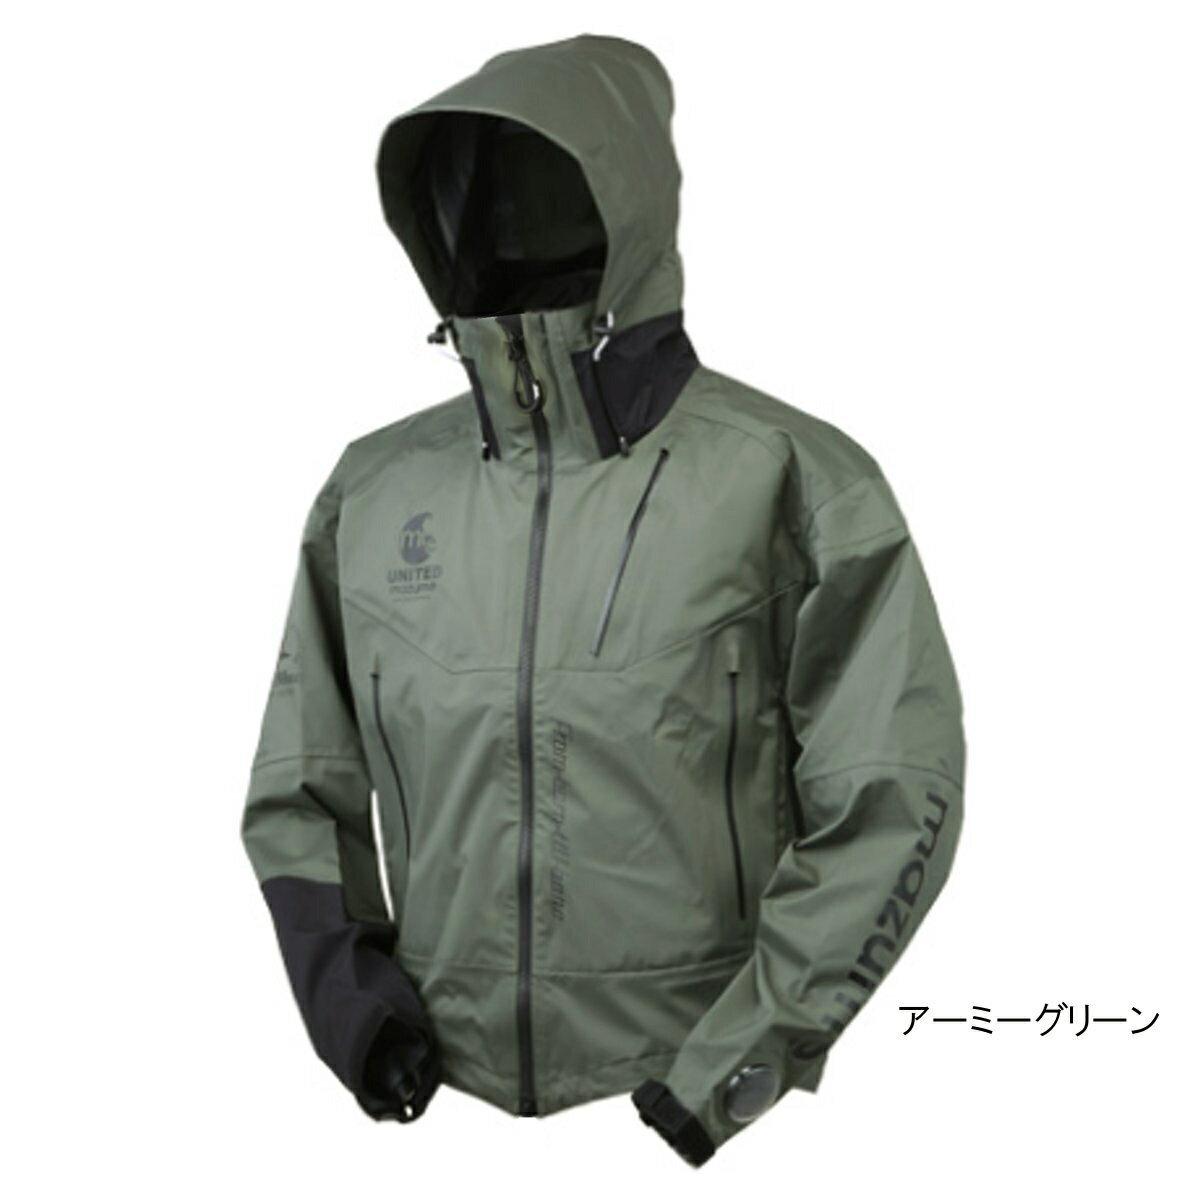 mazume レッドムーンウェーディングショートジャケット MZRJ-352 M アーミーグリーン